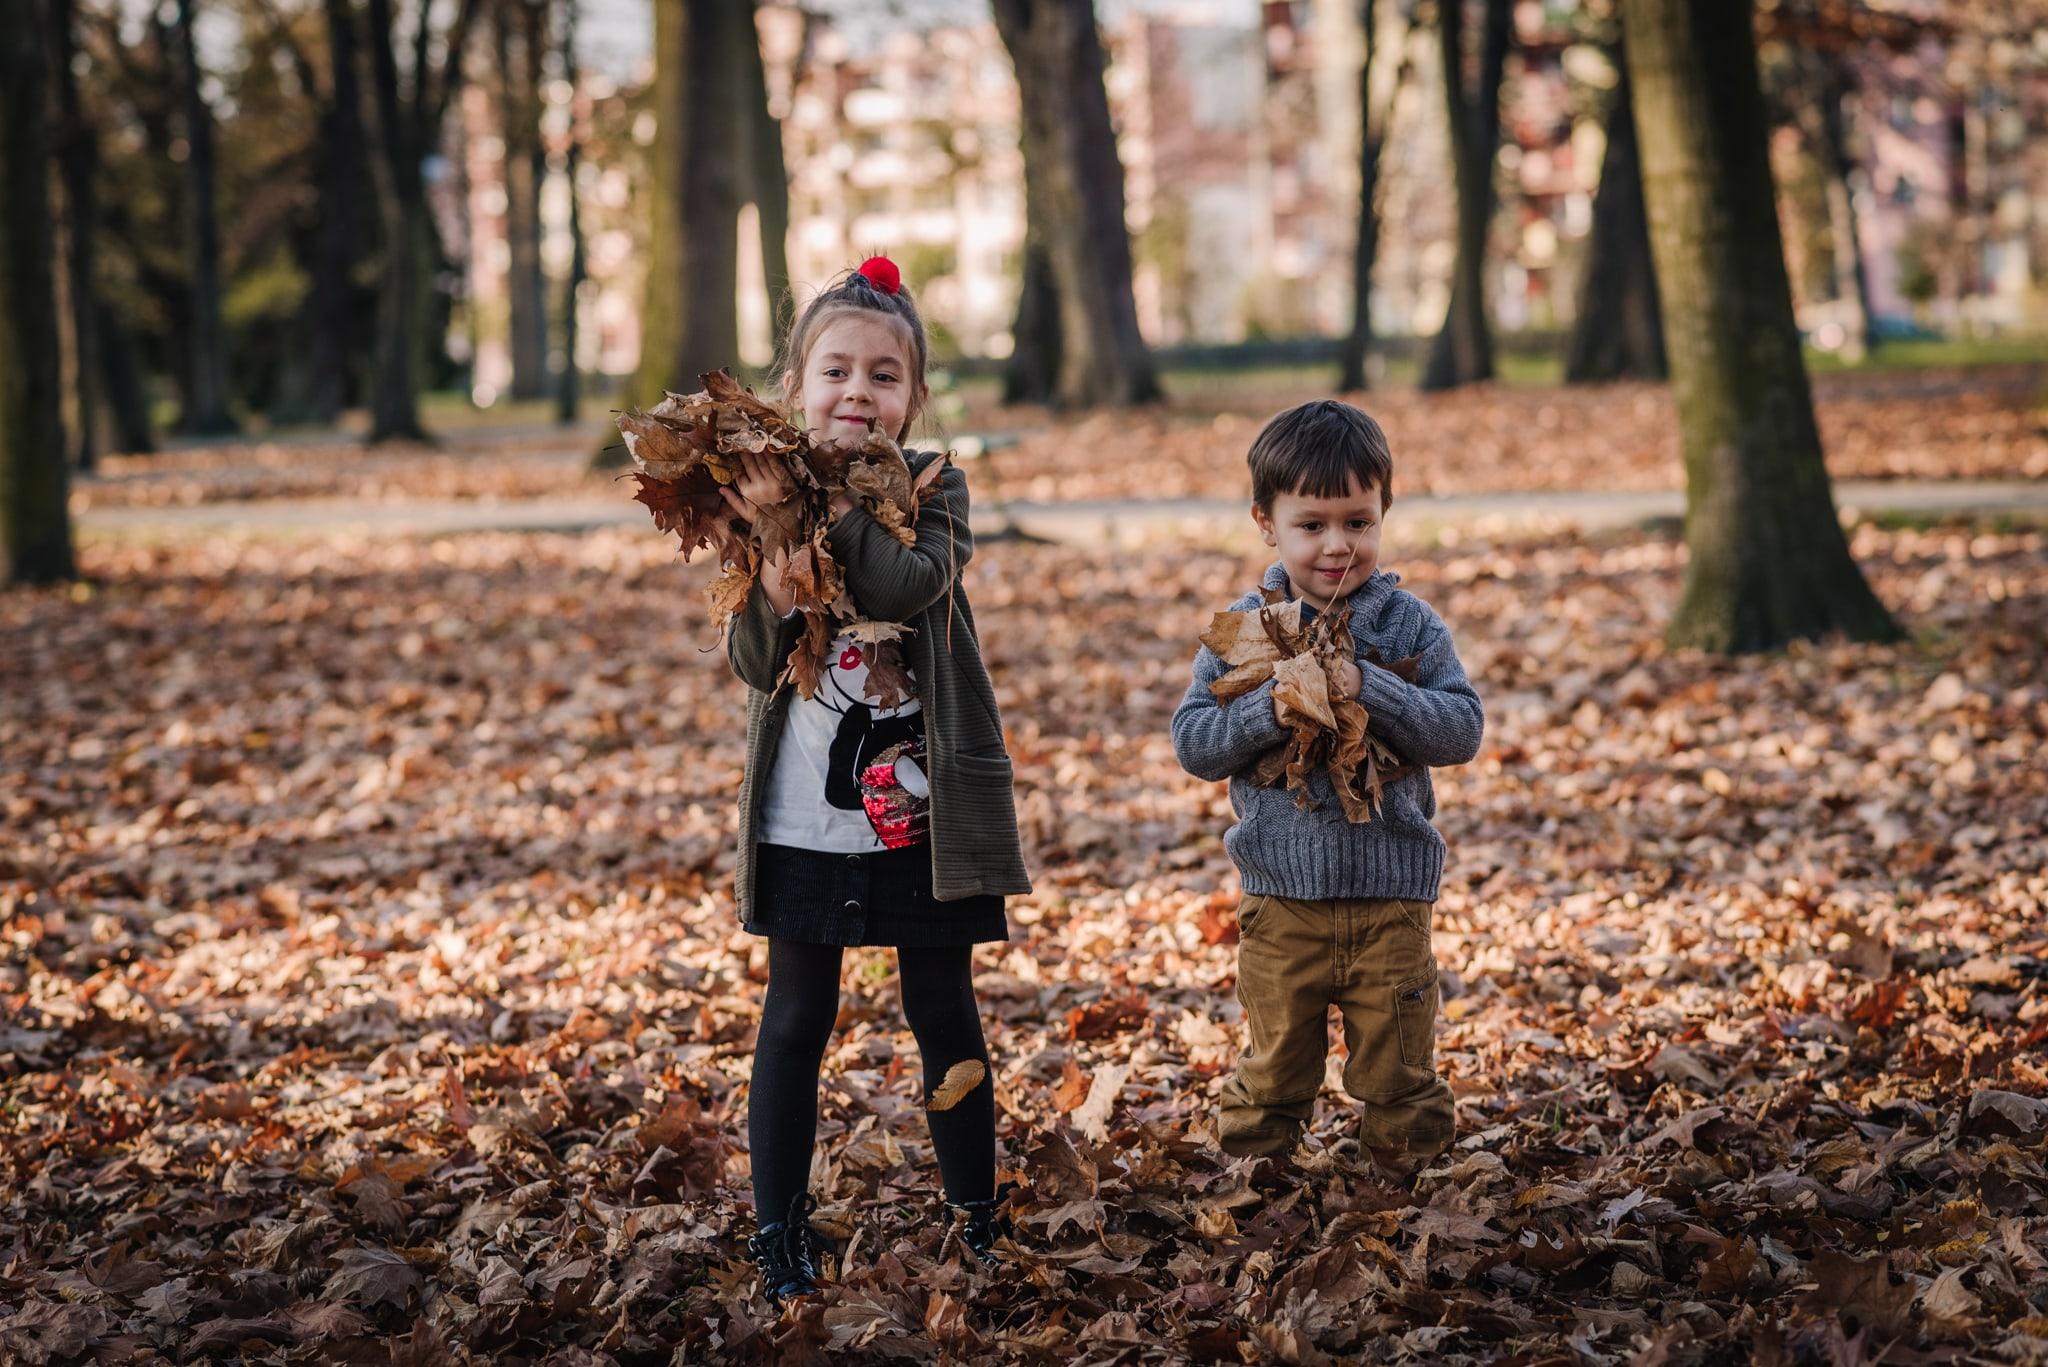 dziewczynka i chłopiec zbierają liście